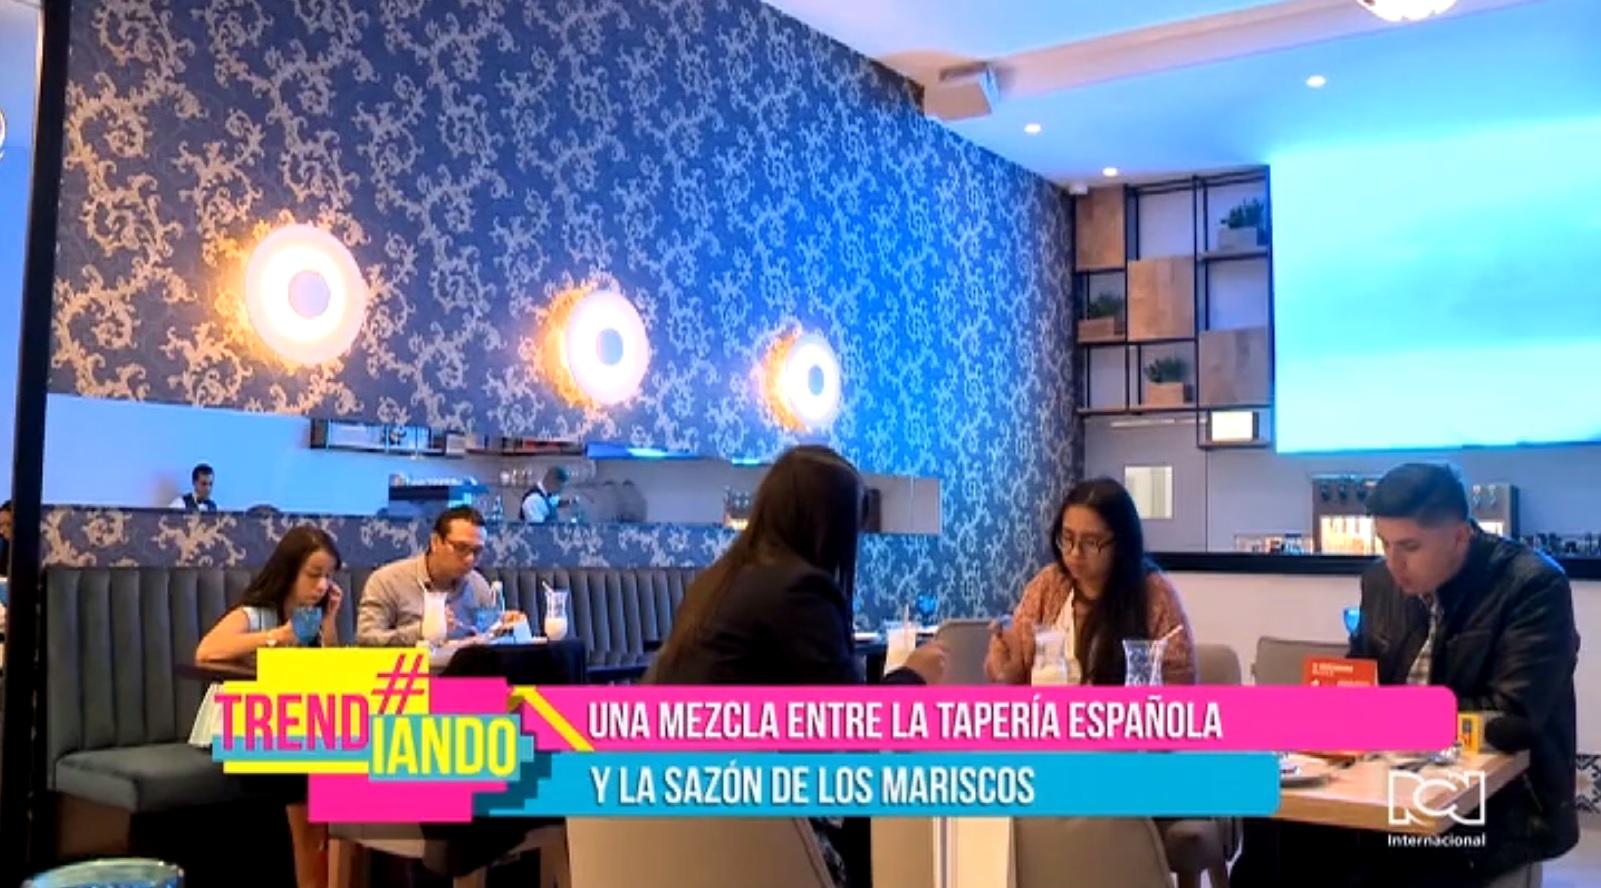 La comida española se toma el Parque de la 93 con La marisquería de Pesquera Jaramillo